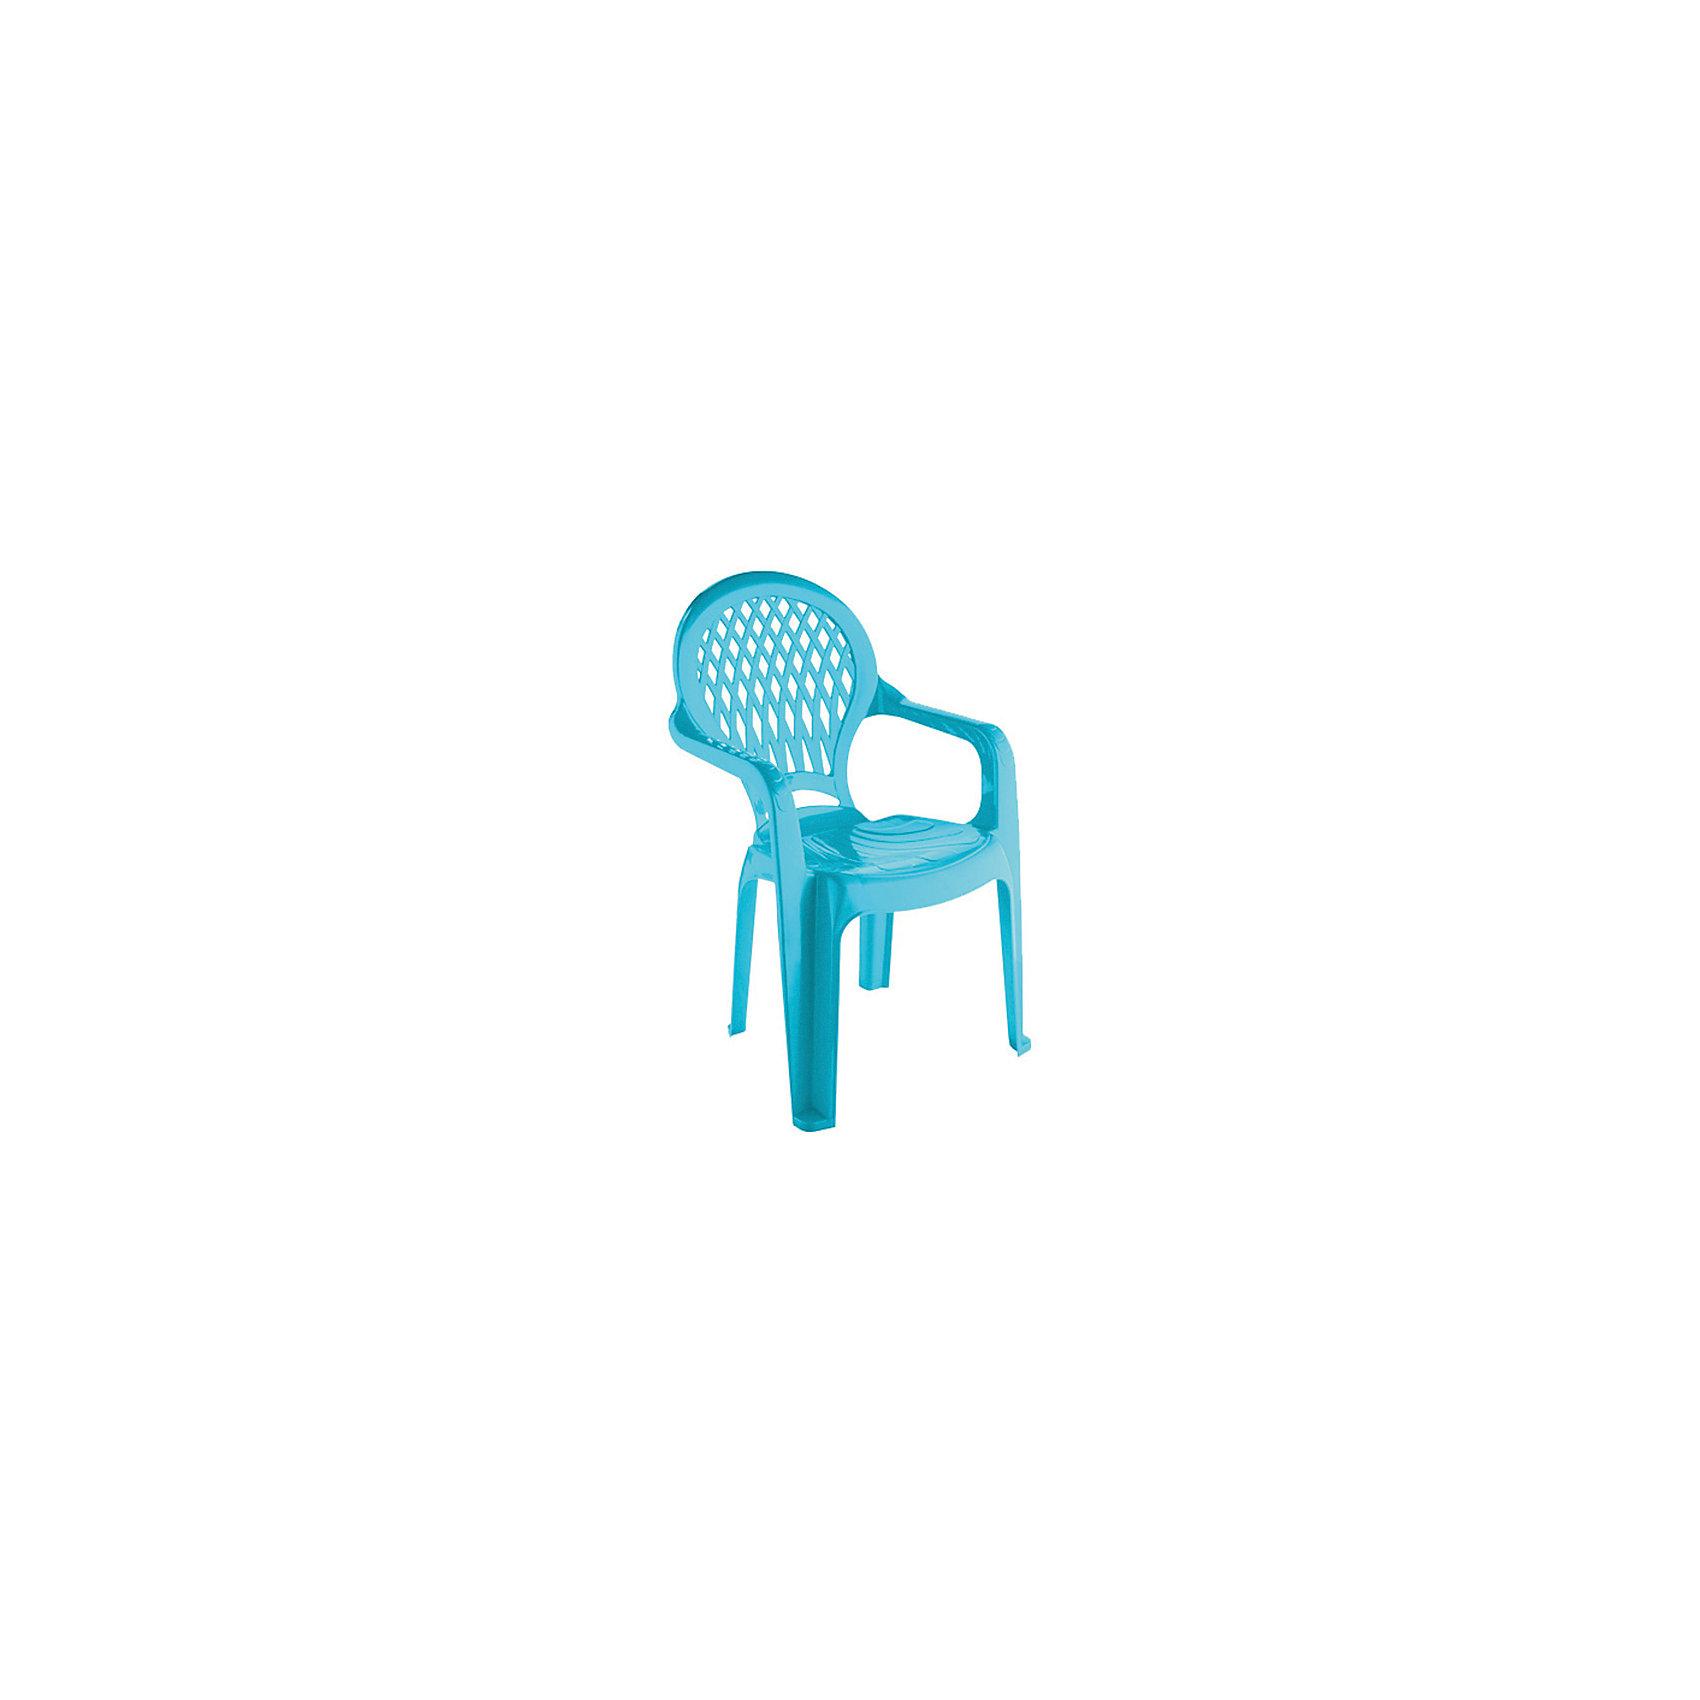 Голубой стул  купить гладильную тумбочку